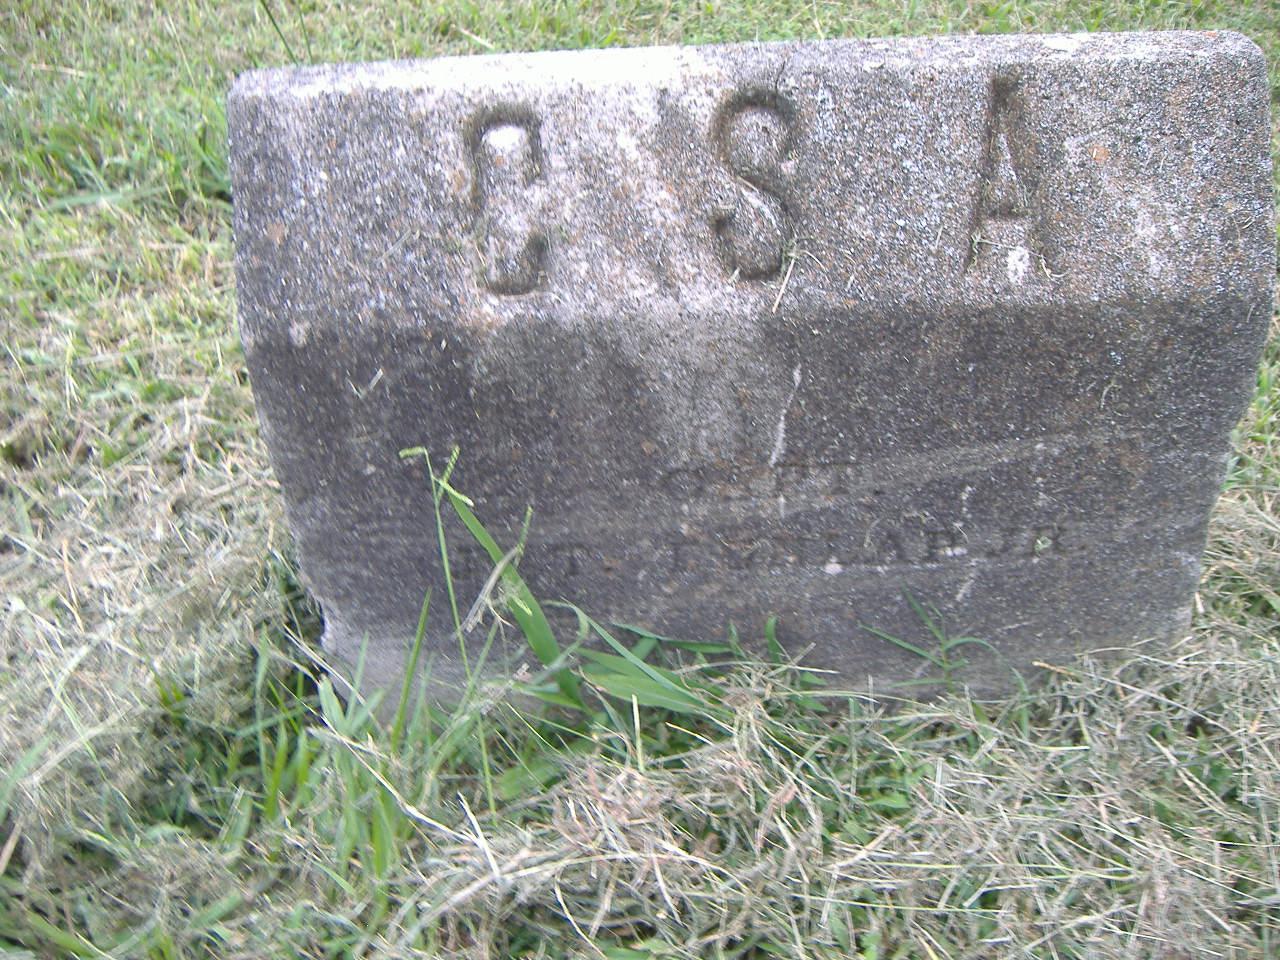 Capt James Trimble Dunlap, Jr